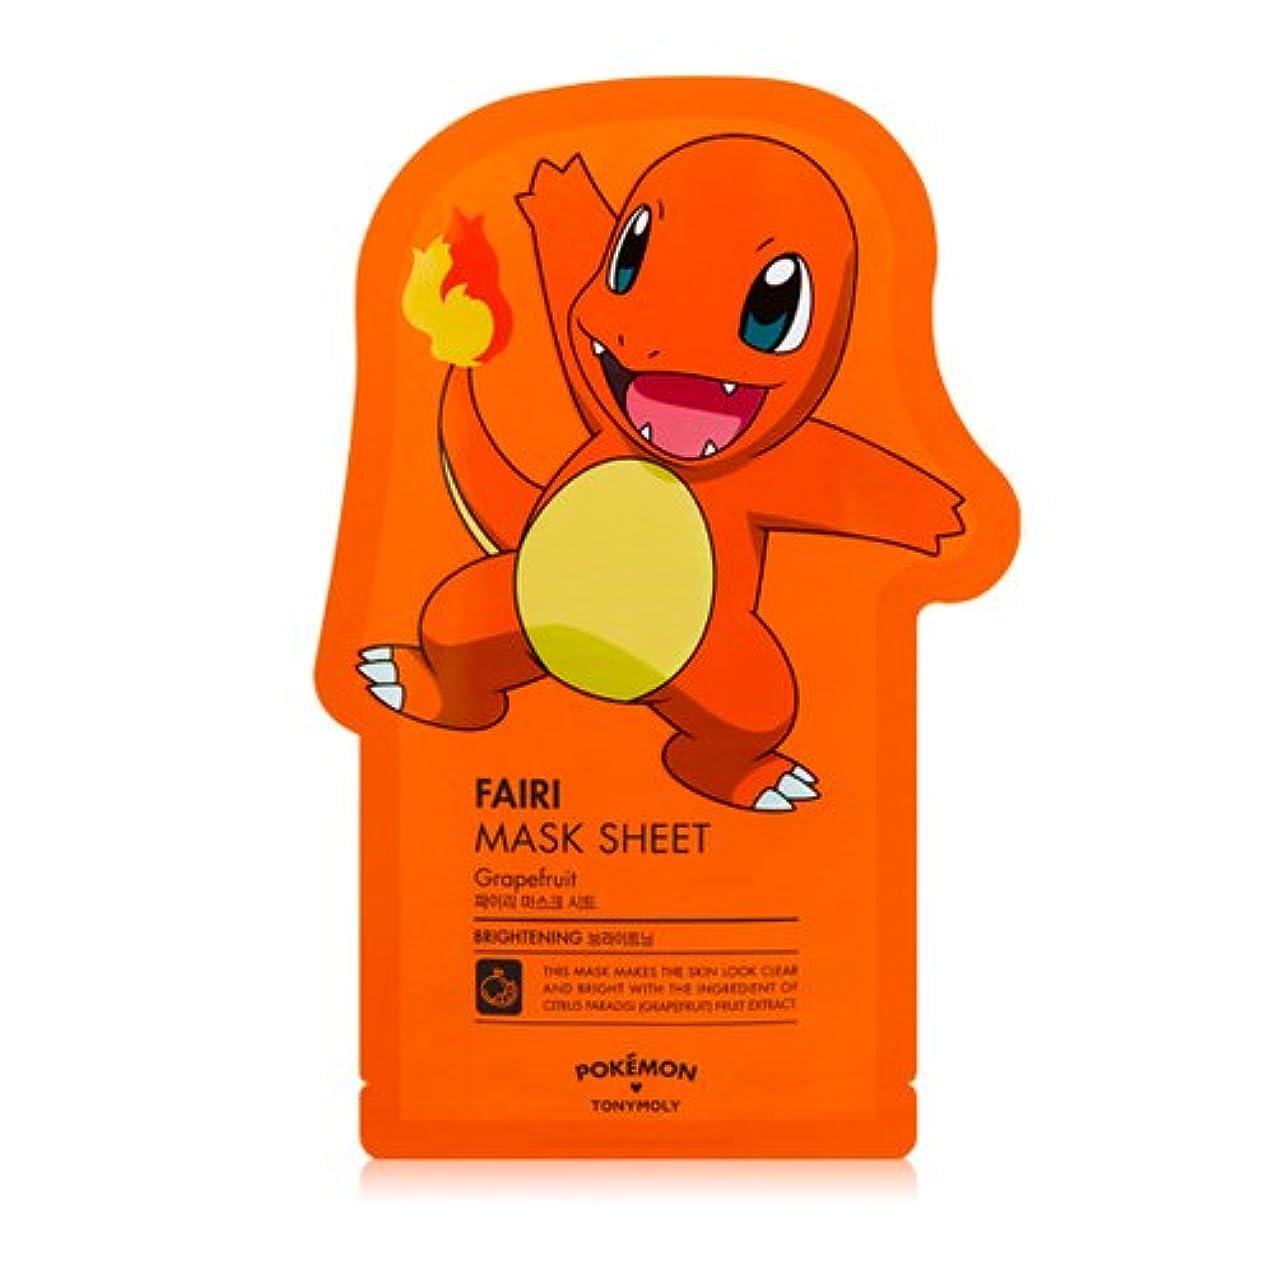 落とし穴ランドマークバルセロナTONYMOLY x Pokemon Charmander/Fairi Mask Sheet (並行輸入品)